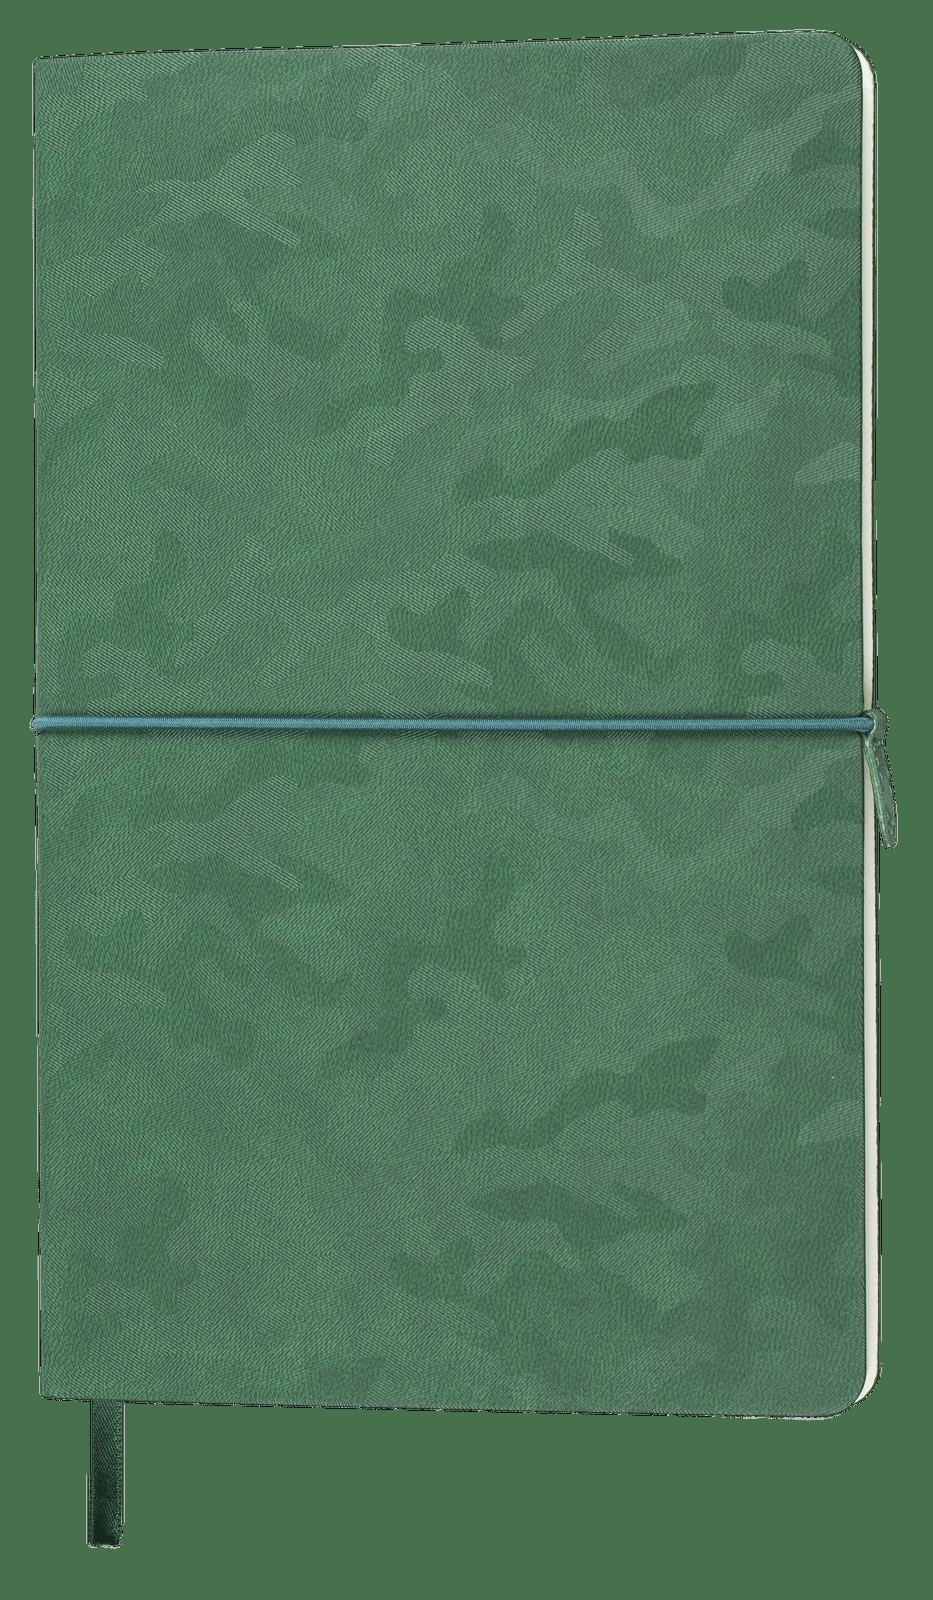 TM21226_15 - Tabby Fraqnky verde